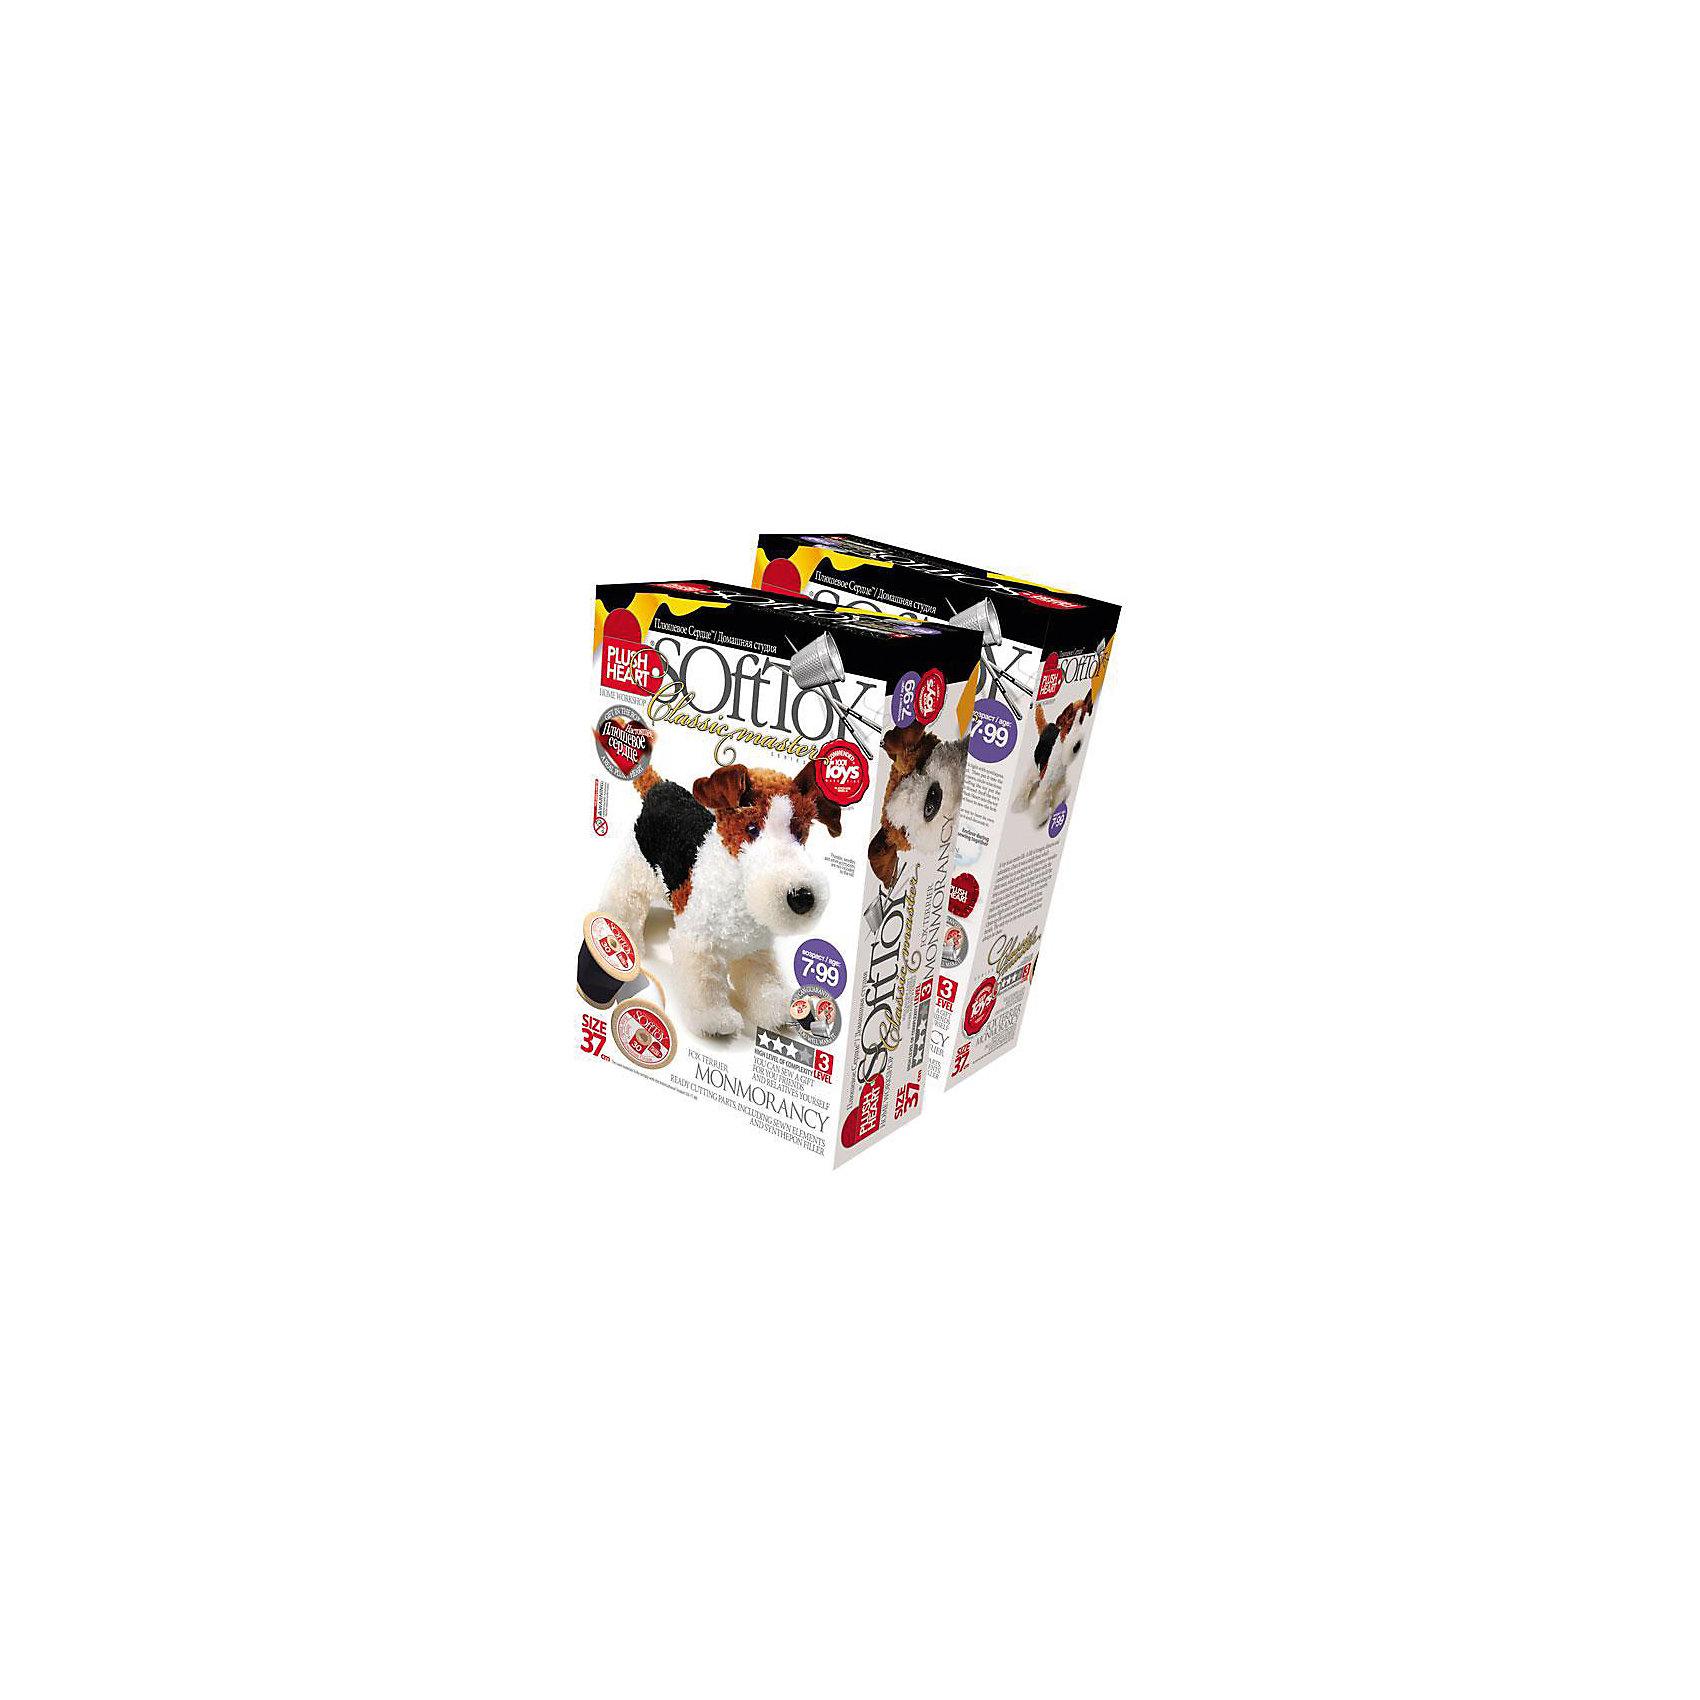 Набор Фокстерьер Монморенси, Plush HeartШитьё<br>Из Набора Фокстерьер Монморенси, Plush Heart (Плюшевое сердце) Ваш ребенок сможет сшить великолепную мягкую игрушку собачку породы фокстерьер. В комплект набора, кроме необходимых аксессуаров, чертежей выкройки и заготовок, входит маленькое плюшевое сердечко, которое вкладывается внутрь мягкой игрушки, что делает ее почти живой. Уровень сложности 3 из 4.<br><br>Комплектация: пошитая голова игрушки, детали туловища, синтепоновая набивка, мешочек с полимерными гранулами, нитки, плюшевое сердце<br><br>Дополнительная информация:<br>-Вес в упаковке: 310 г <br>-Размеры в упаковке: 280х190х90 мм<br>-Материалы: синтепон, полимерные гранулы, плюш, текстиль<br>-Размер готовой игрушки: 370 мм<br><br>Набор Фокстерьер Монморенси станет отличным подарком как для юных мастеров и мастериц, ведь пушистый и добрый фокстерьер, сделанный своими руками, будет верным другом для своих хозяев!<br><br>Набор Фокстерьер Монморенси, Plush Heart (Плюшевое сердце) можно купить в нашем магазине.<br><br>Ширина мм: 280<br>Глубина мм: 190<br>Высота мм: 90<br>Вес г: 310<br>Возраст от месяцев: 84<br>Возраст до месяцев: 144<br>Пол: Женский<br>Возраст: Детский<br>SKU: 4051626